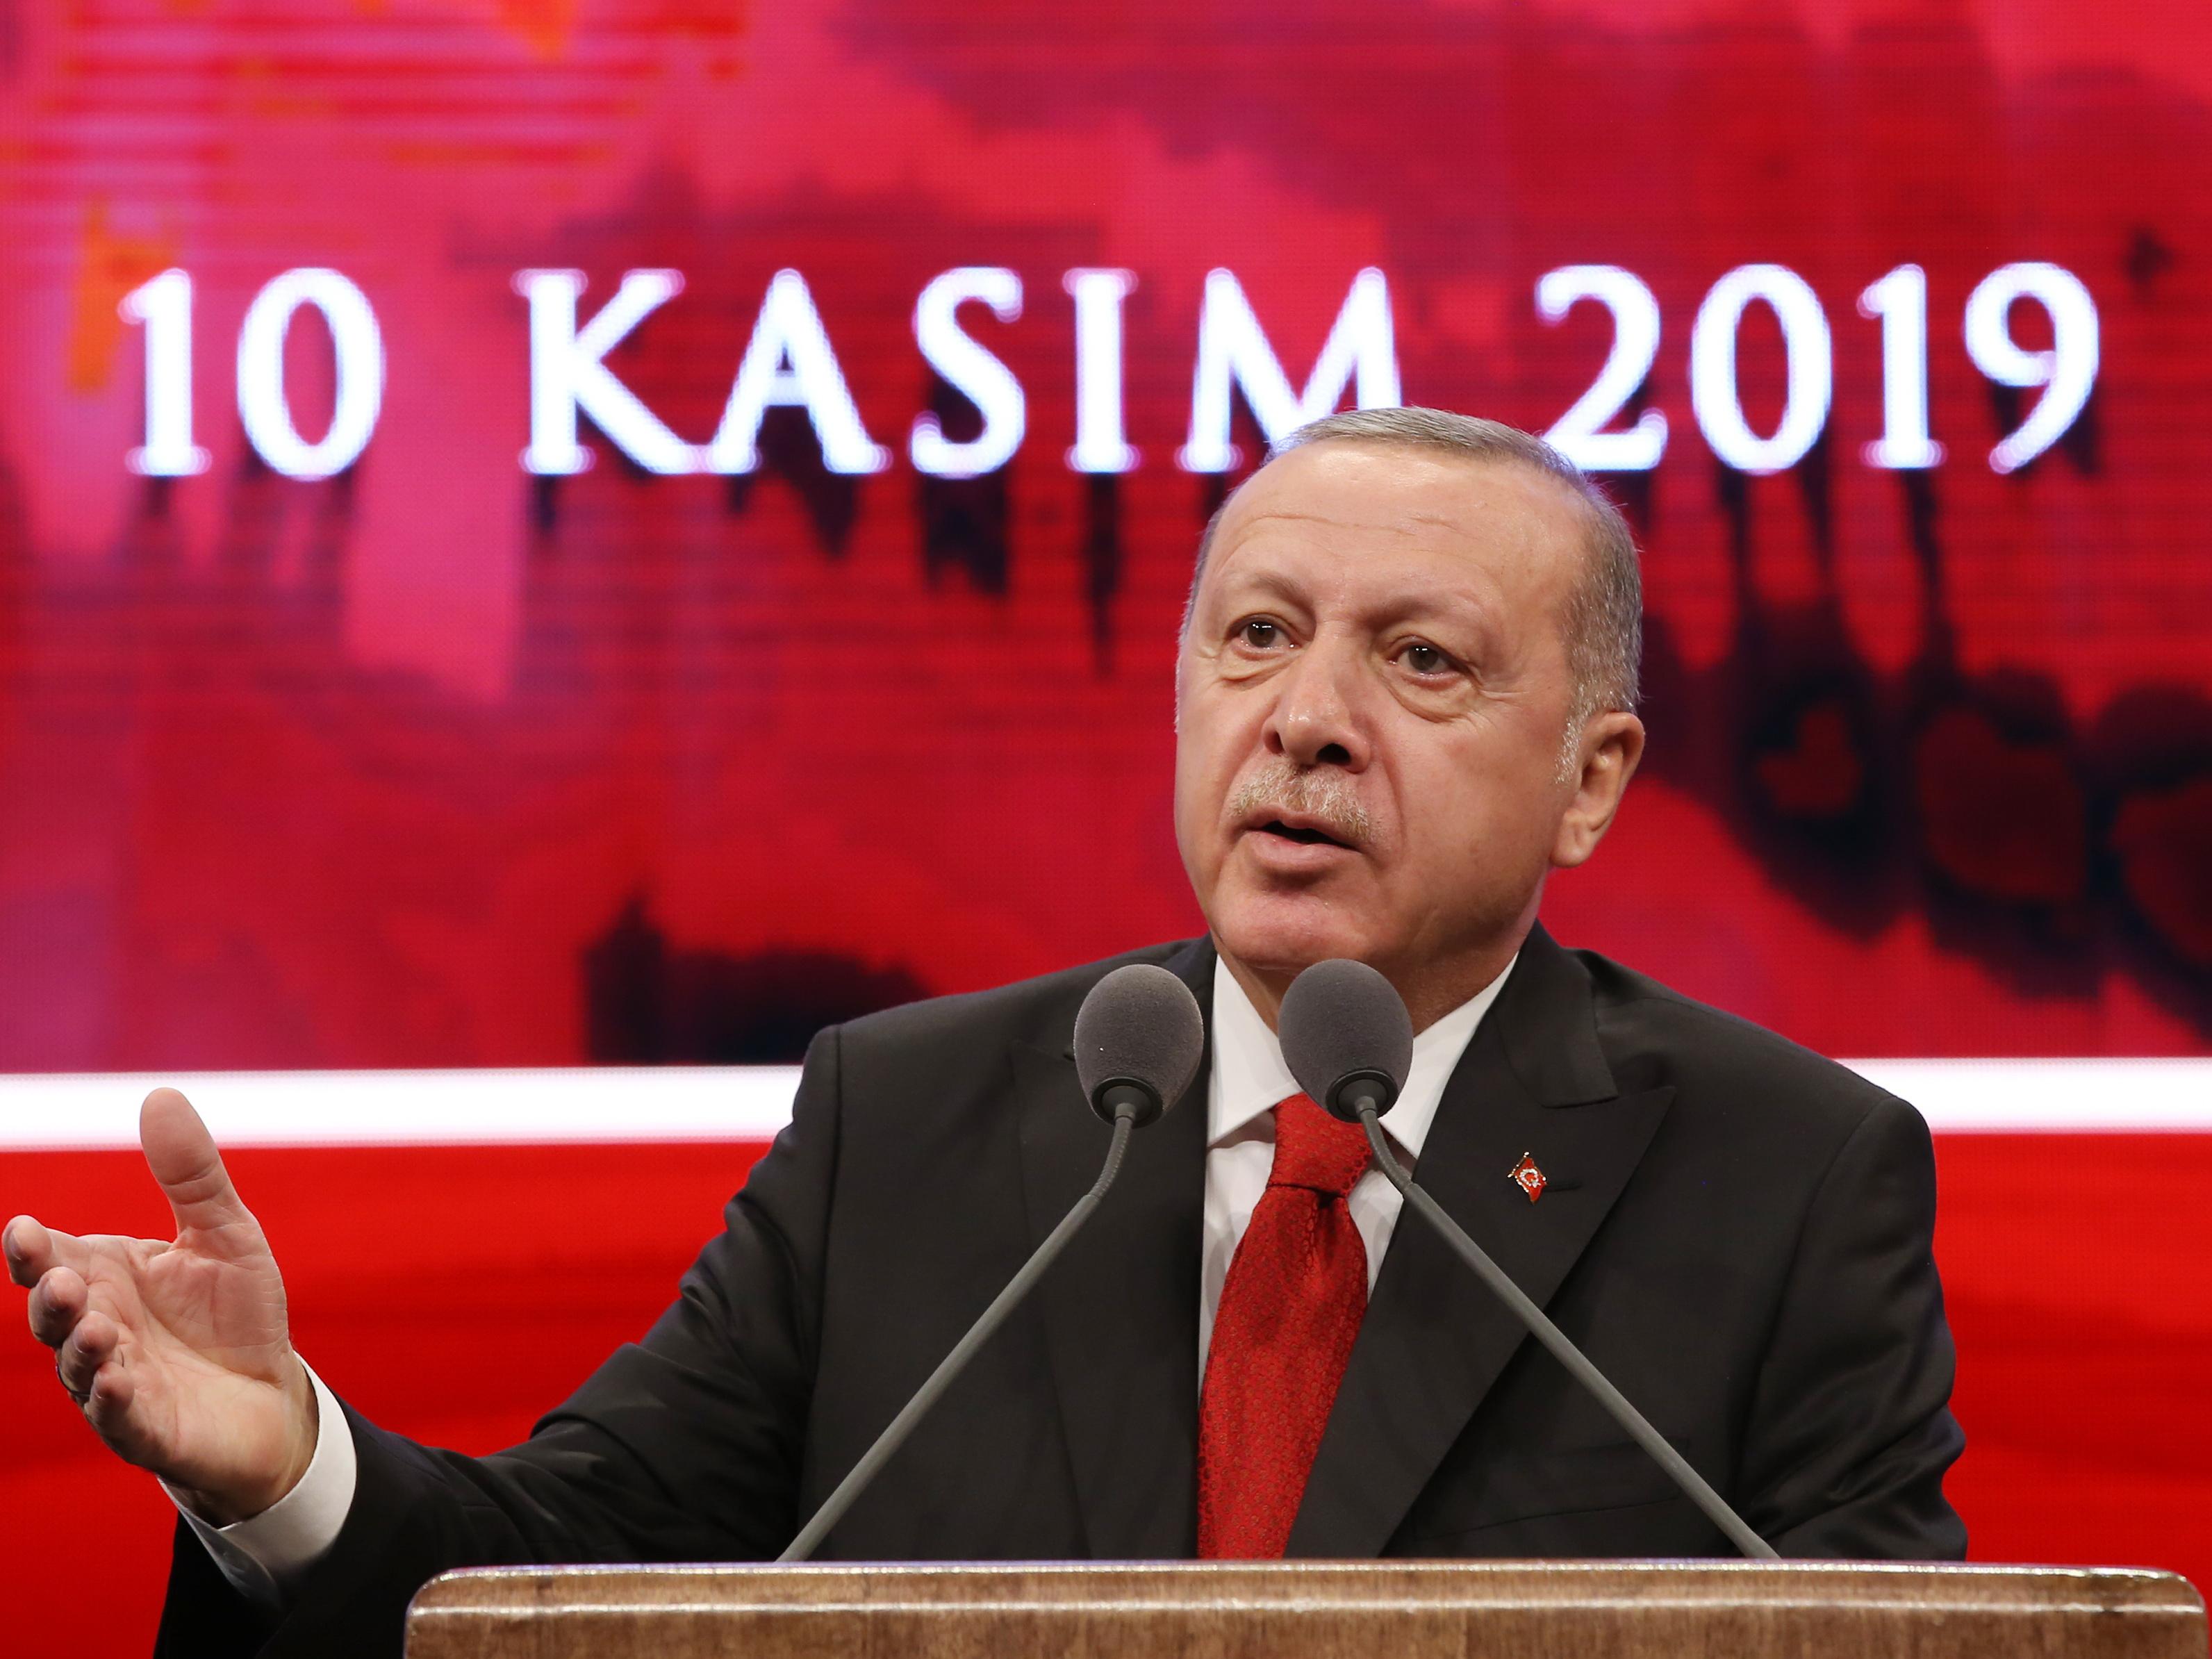 Эрдоган: «Антитурецкие круги задействовали все имеющиеся ресурсы»